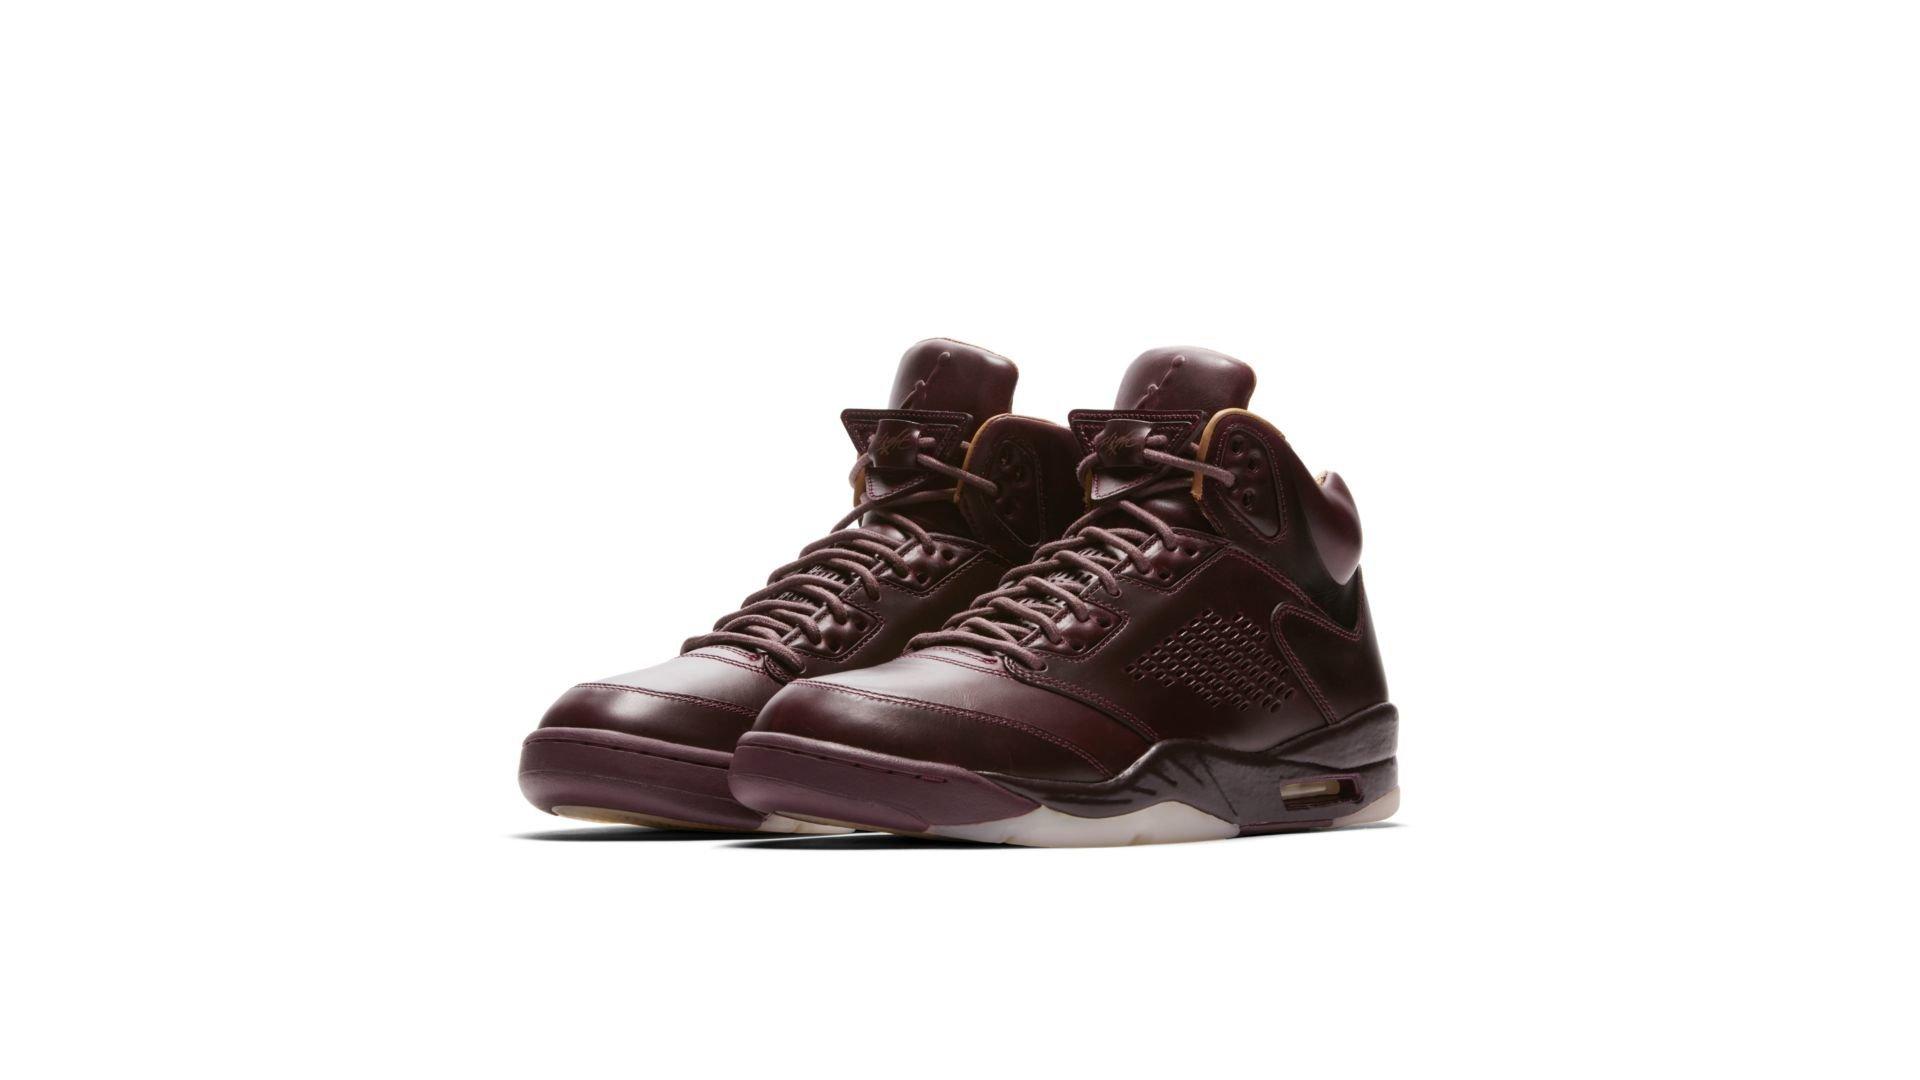 Jordan 5 Retro Premium Wine (881432-612)